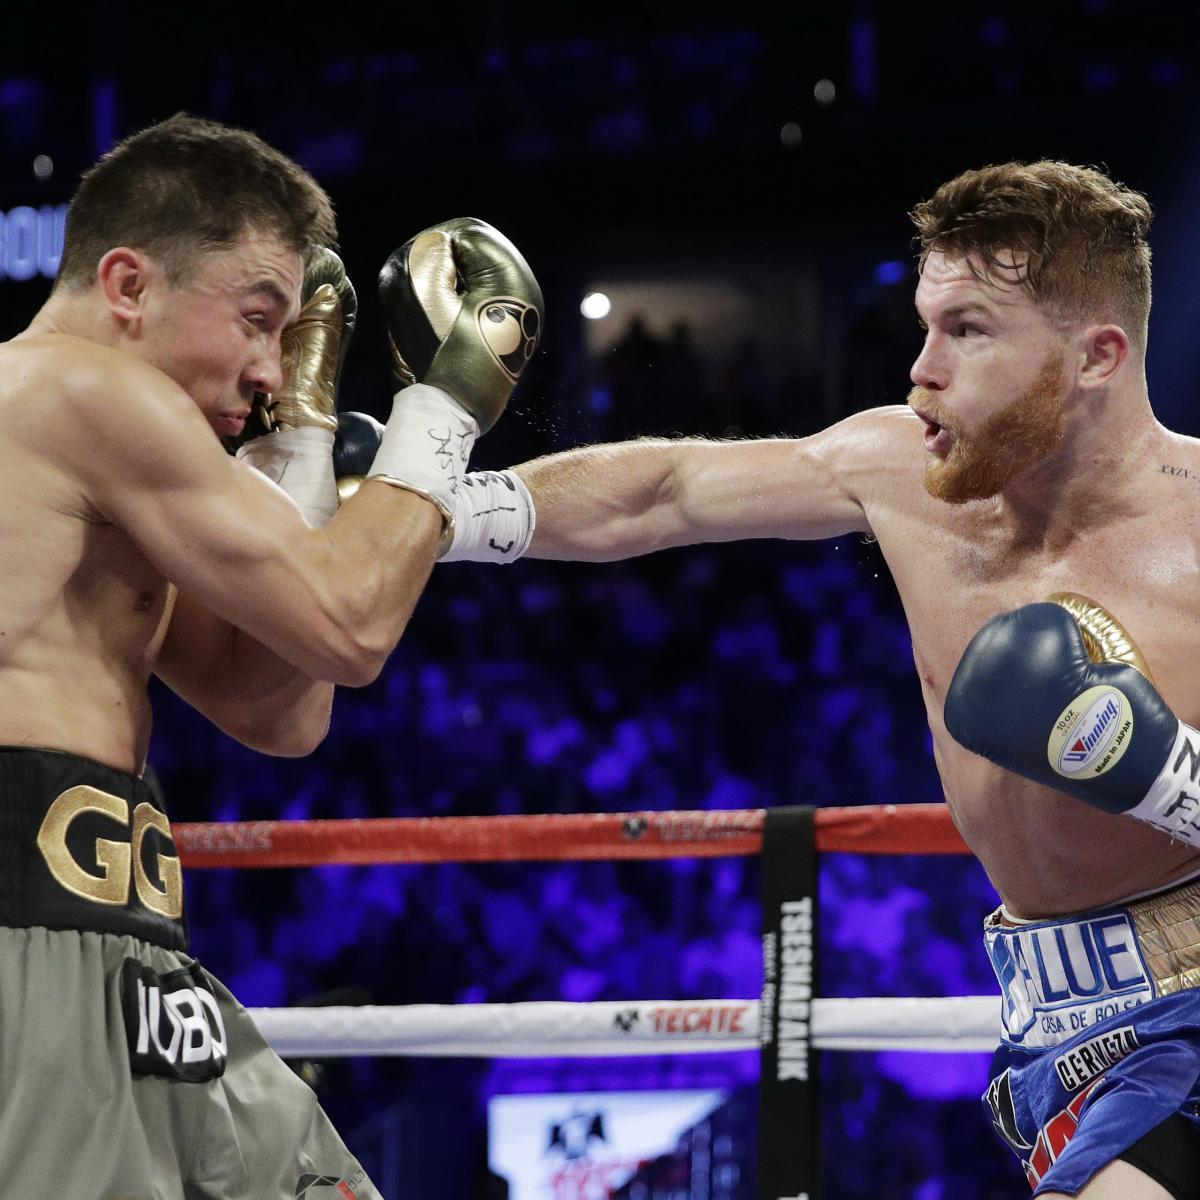 GGG Targeting September Rematch Vs. Canelo Alvarez After